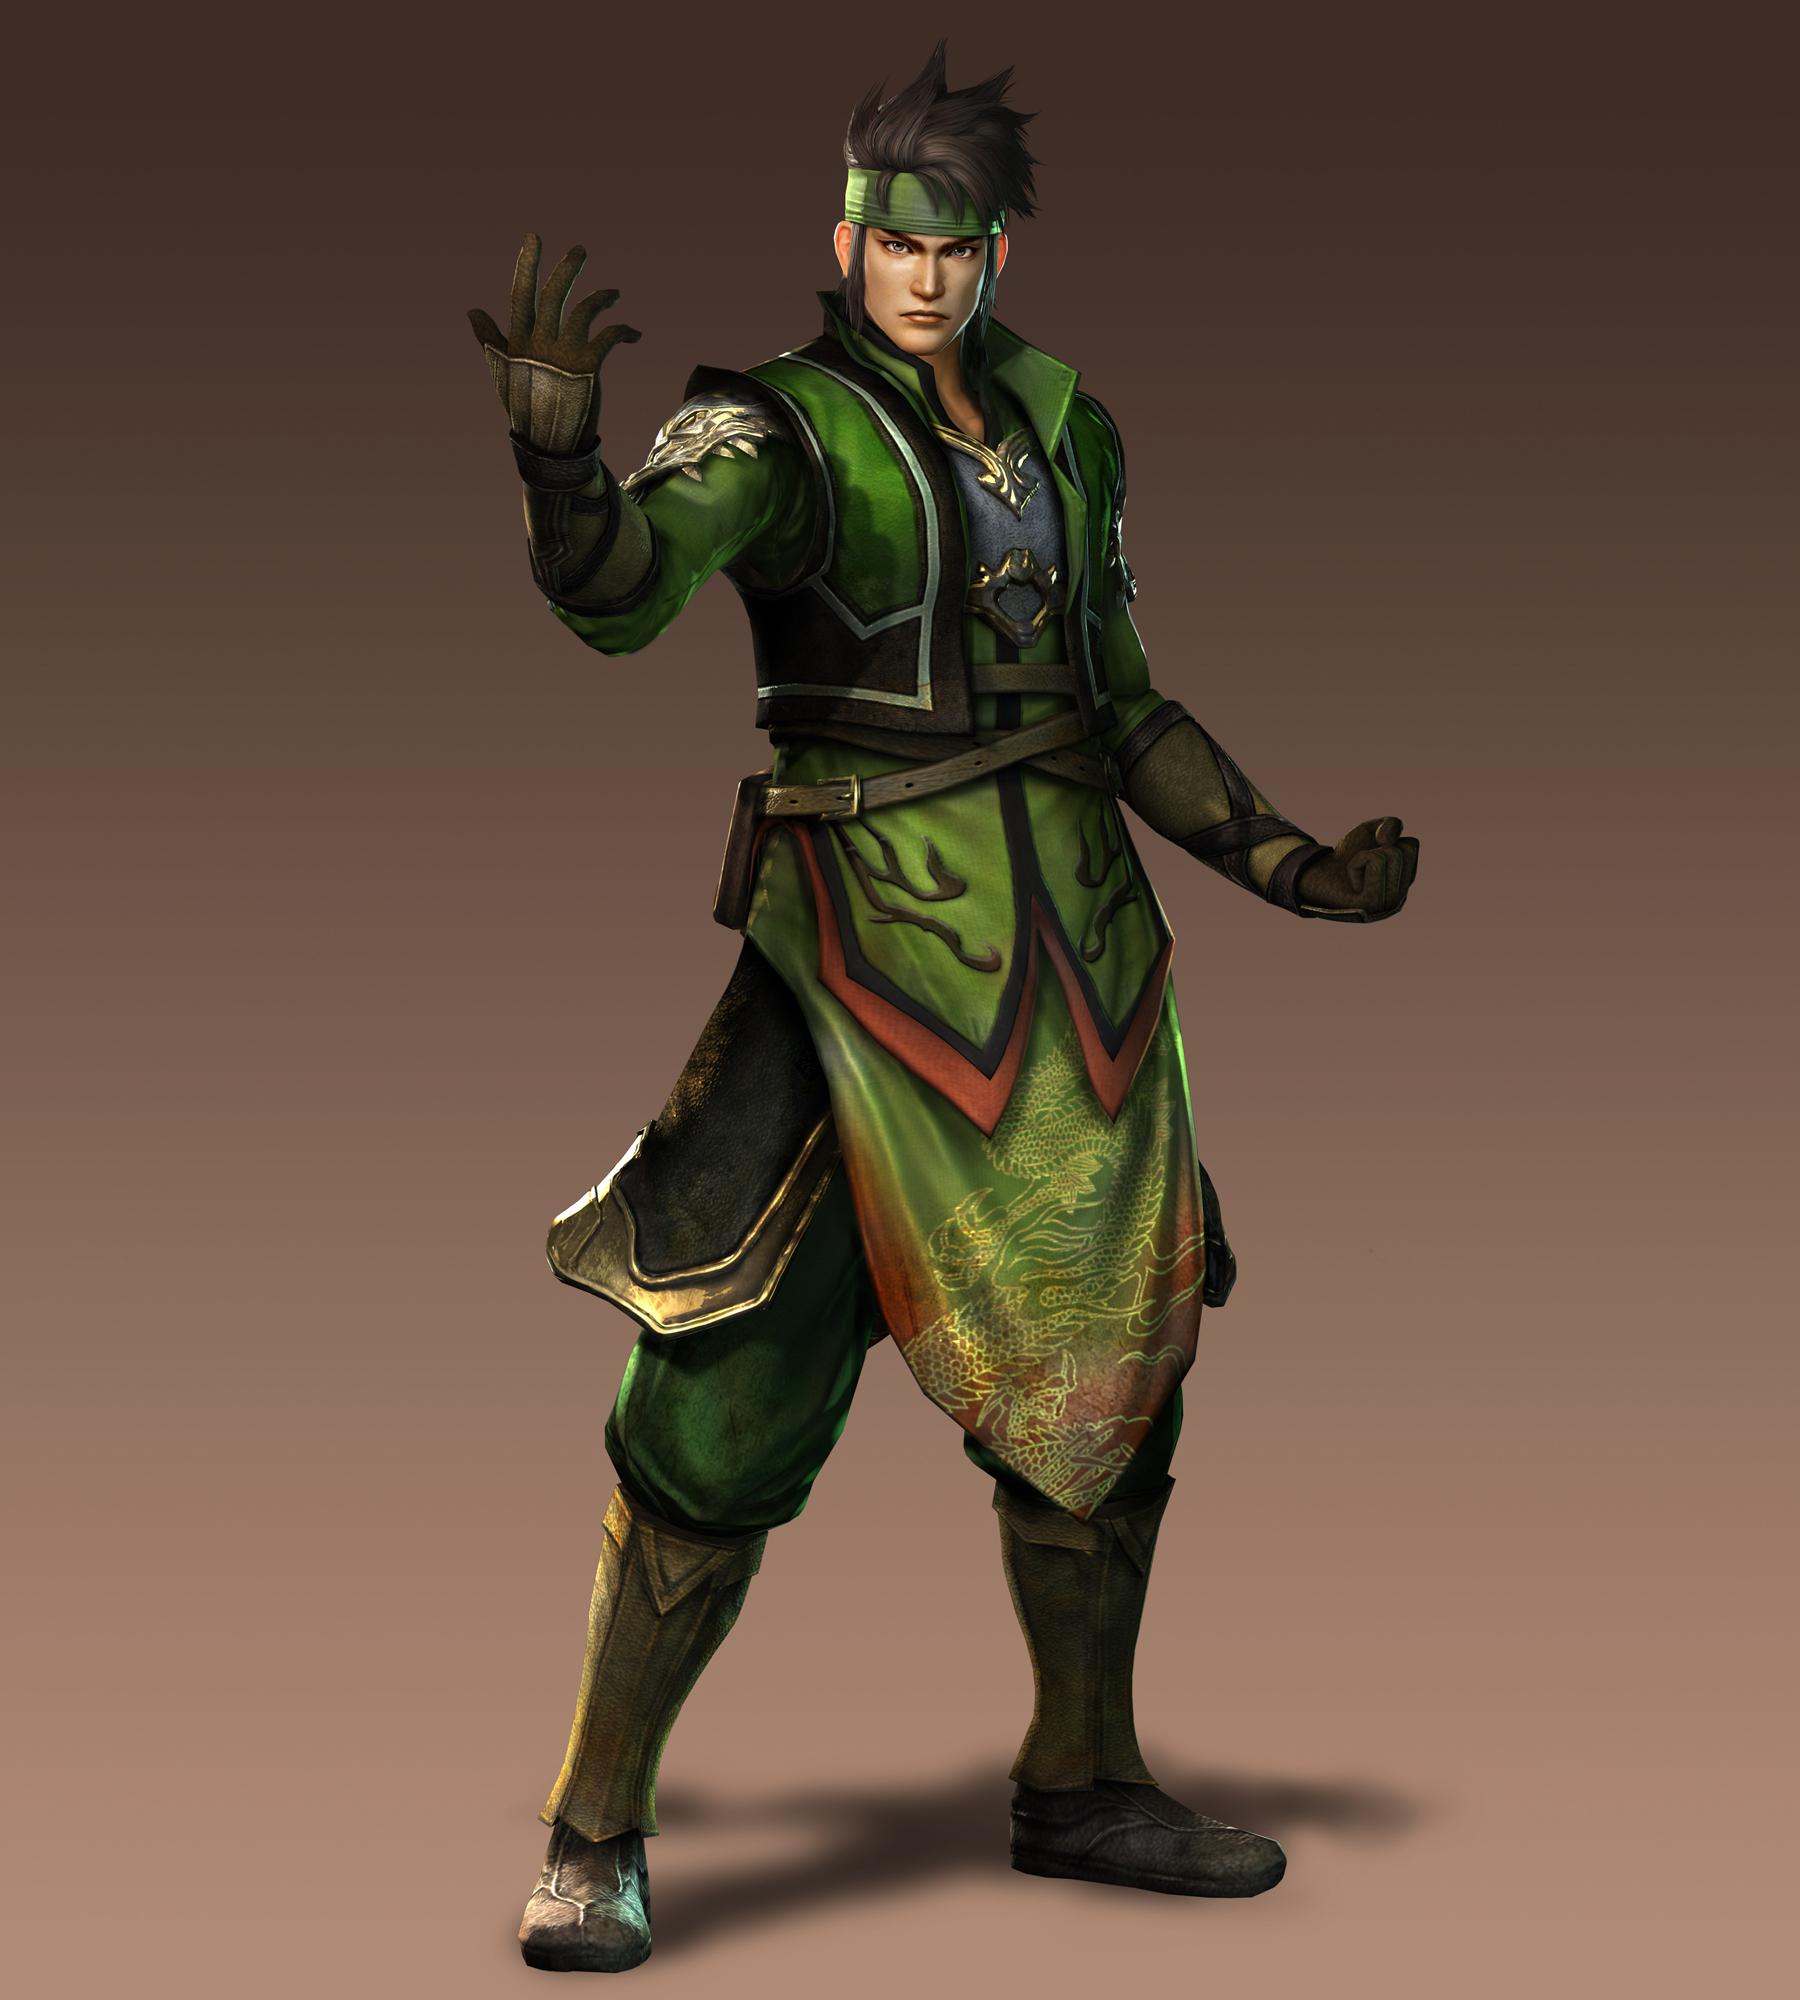 Lu Bu Warriors Orochi 4: Image - Guanping-dw7.jpg